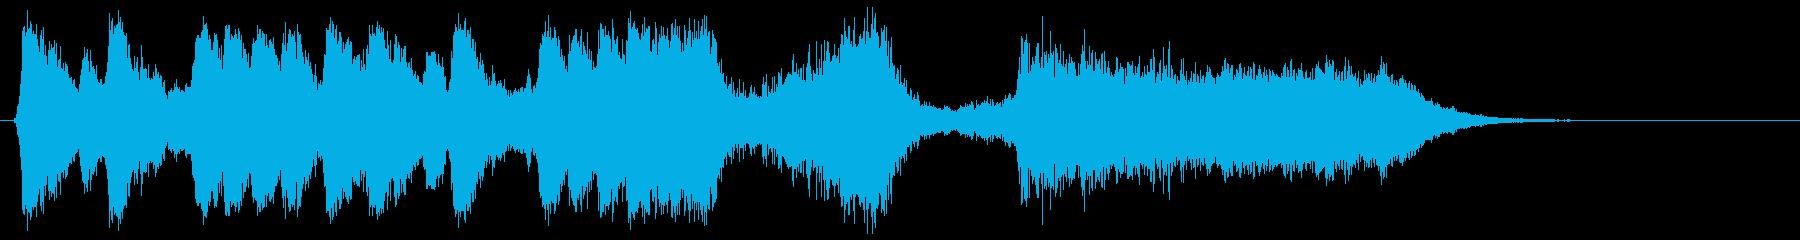 勇壮な合唱オーケストラ:編集版Cの再生済みの波形